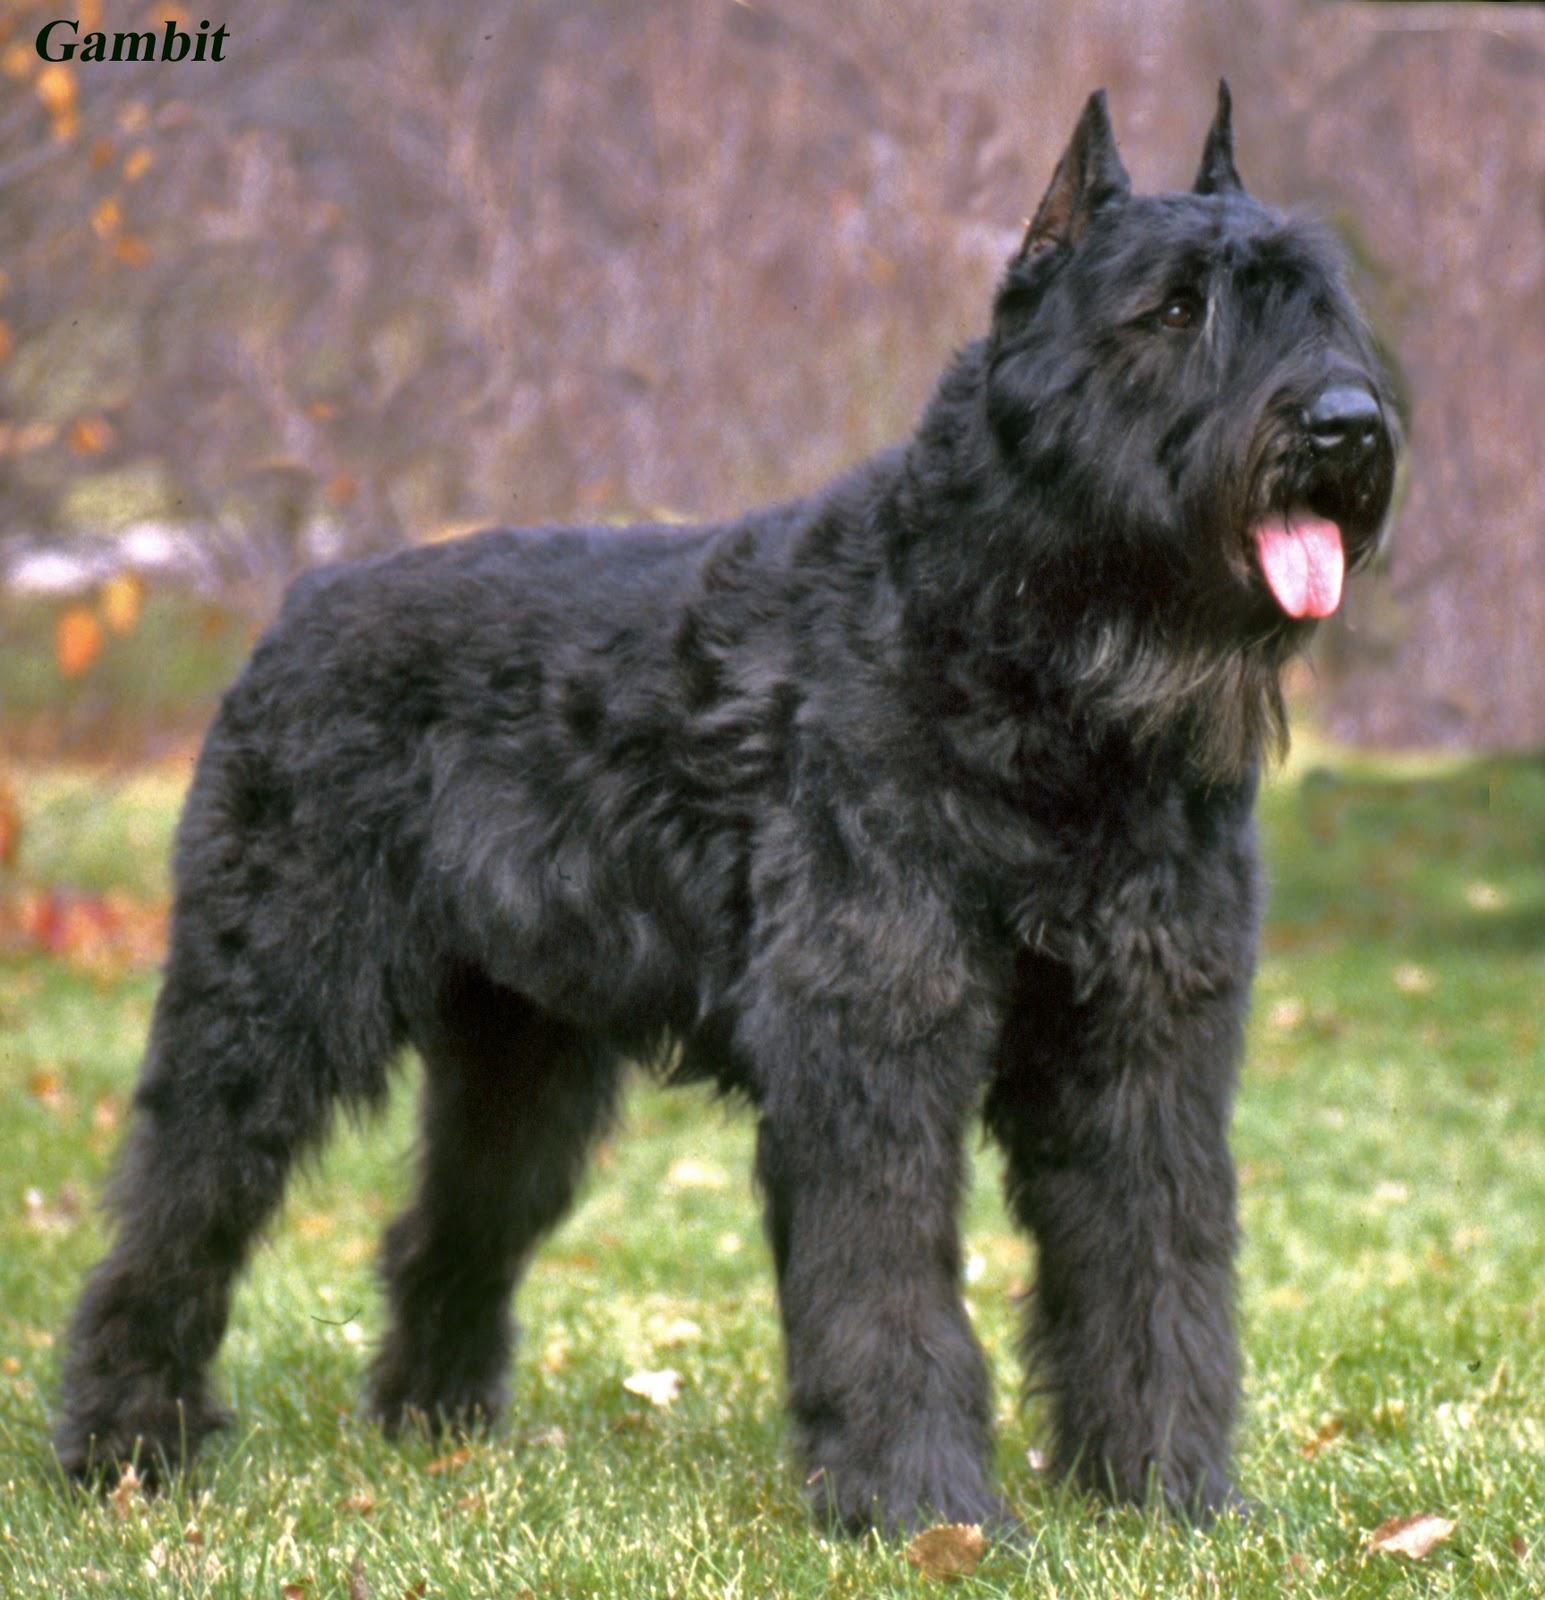 Chien-gris Dog: Chien Gris Bouvier Des Flandres Dogs Breed